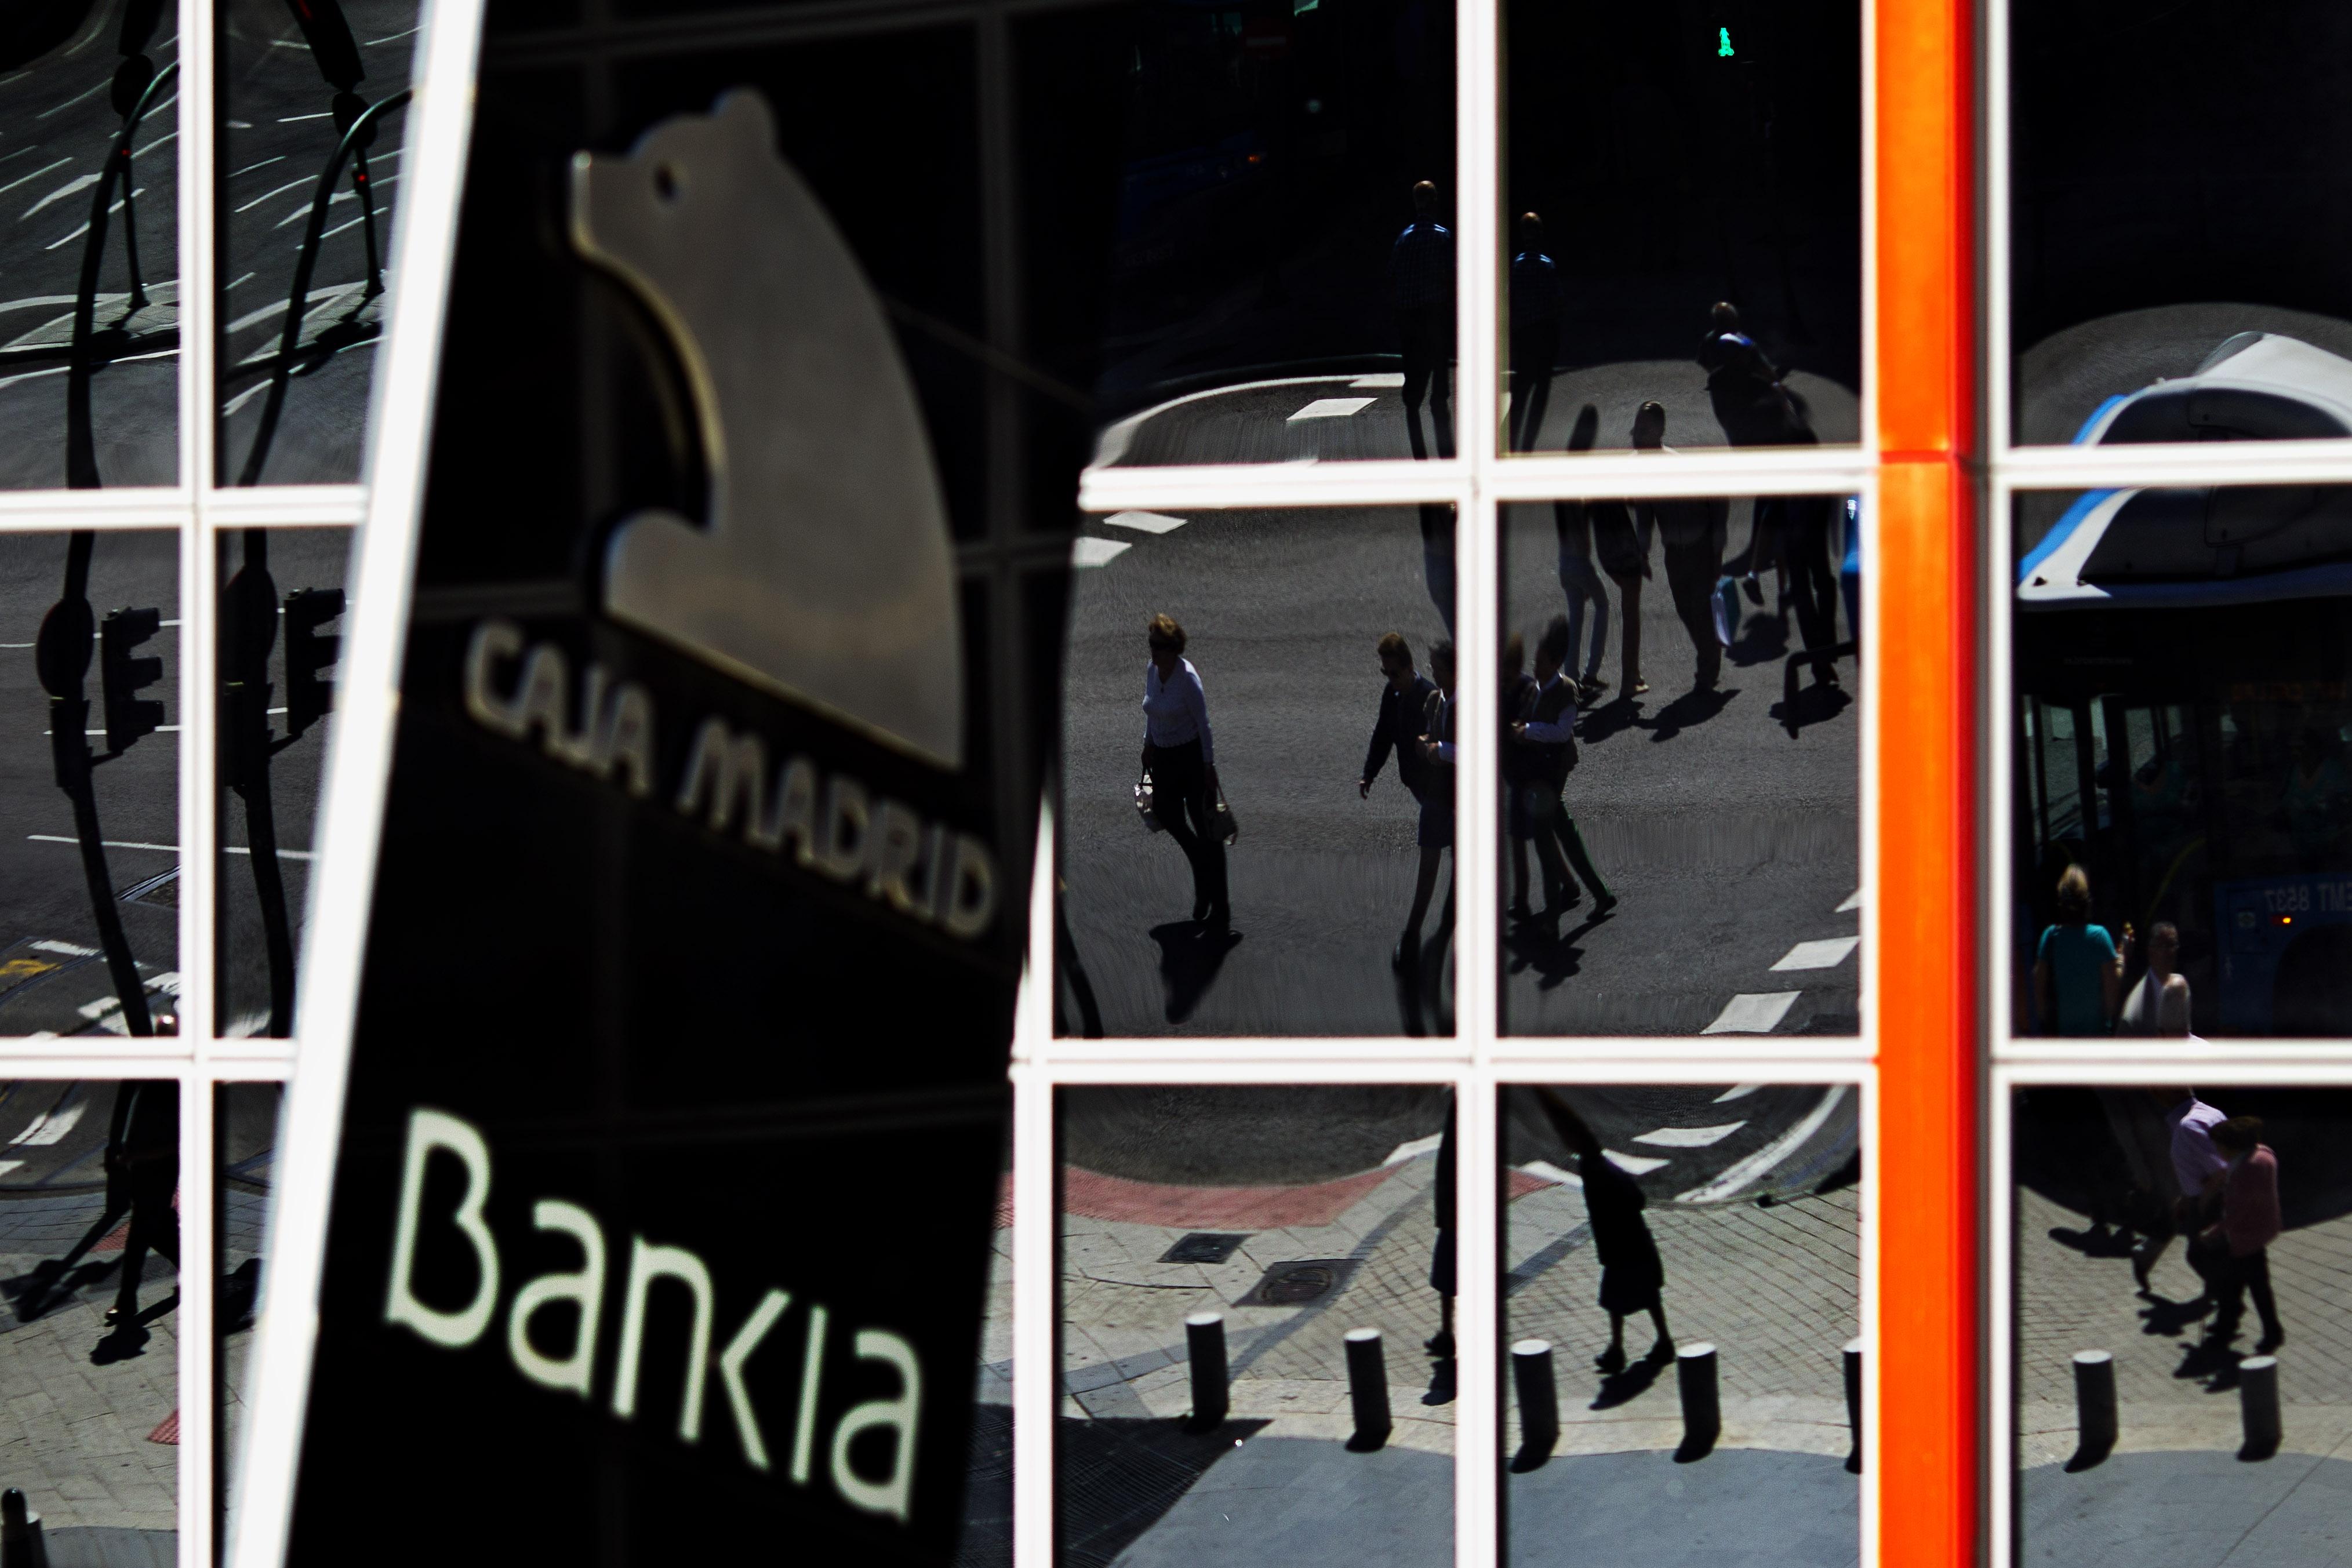 Bankia vende el 19 de metrovacesa a banco santander por 100 millones idealista news - Pisos de bankia en madrid ...